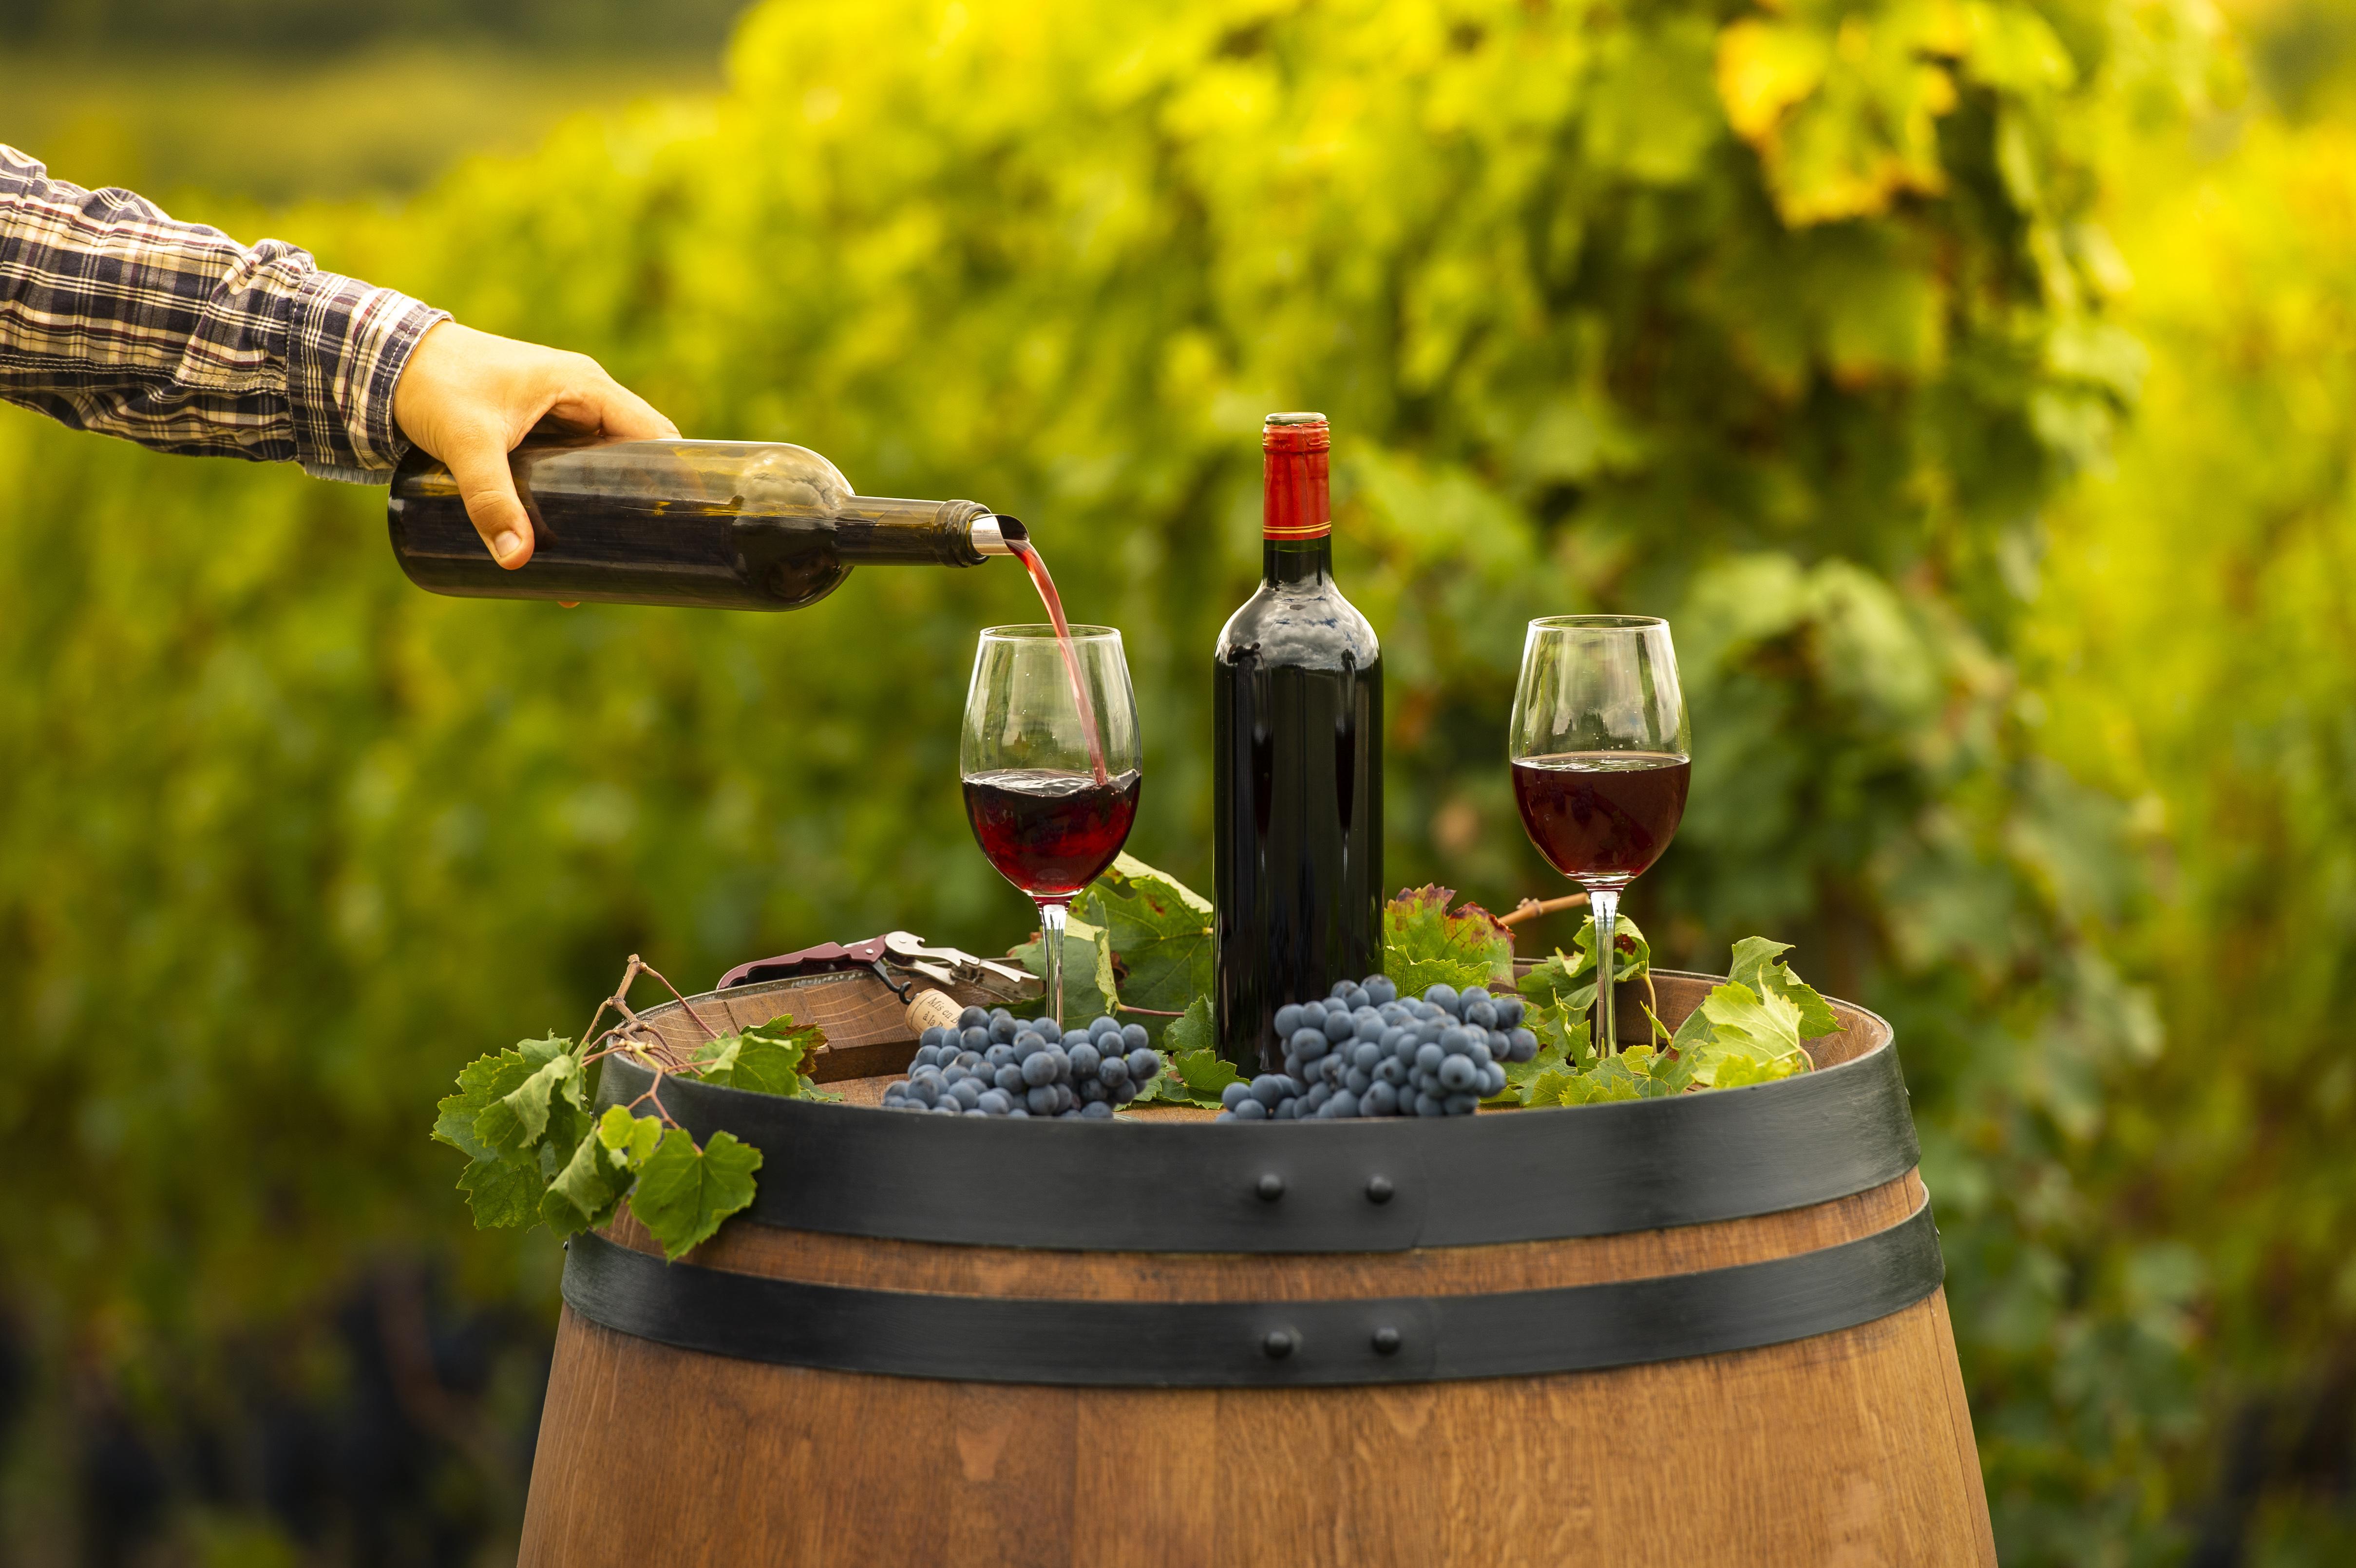 Tévedésből egy 1,6 millió forintos vörösbort szolgáltak fel egy vacsorázó társaságnak Manchesterben